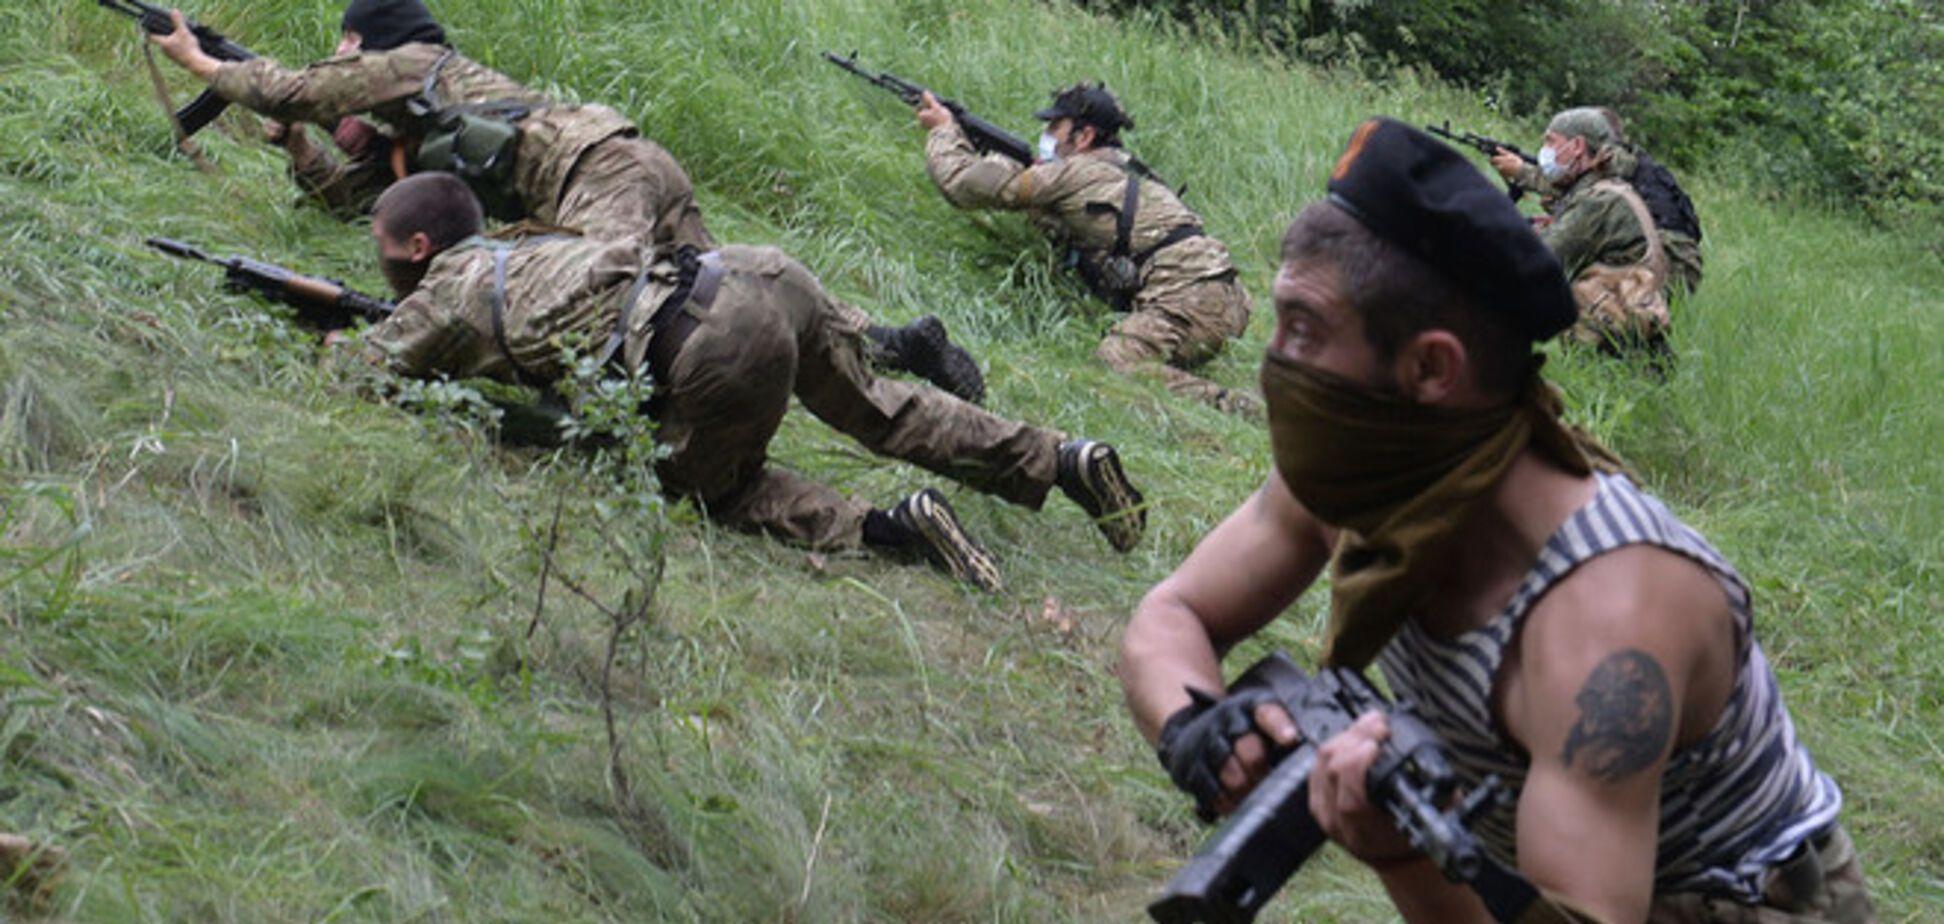 За сутки боевики 'ЛНР' и 'ДНР' устроили обстрелы и диверсии в 6 районах Донбасса